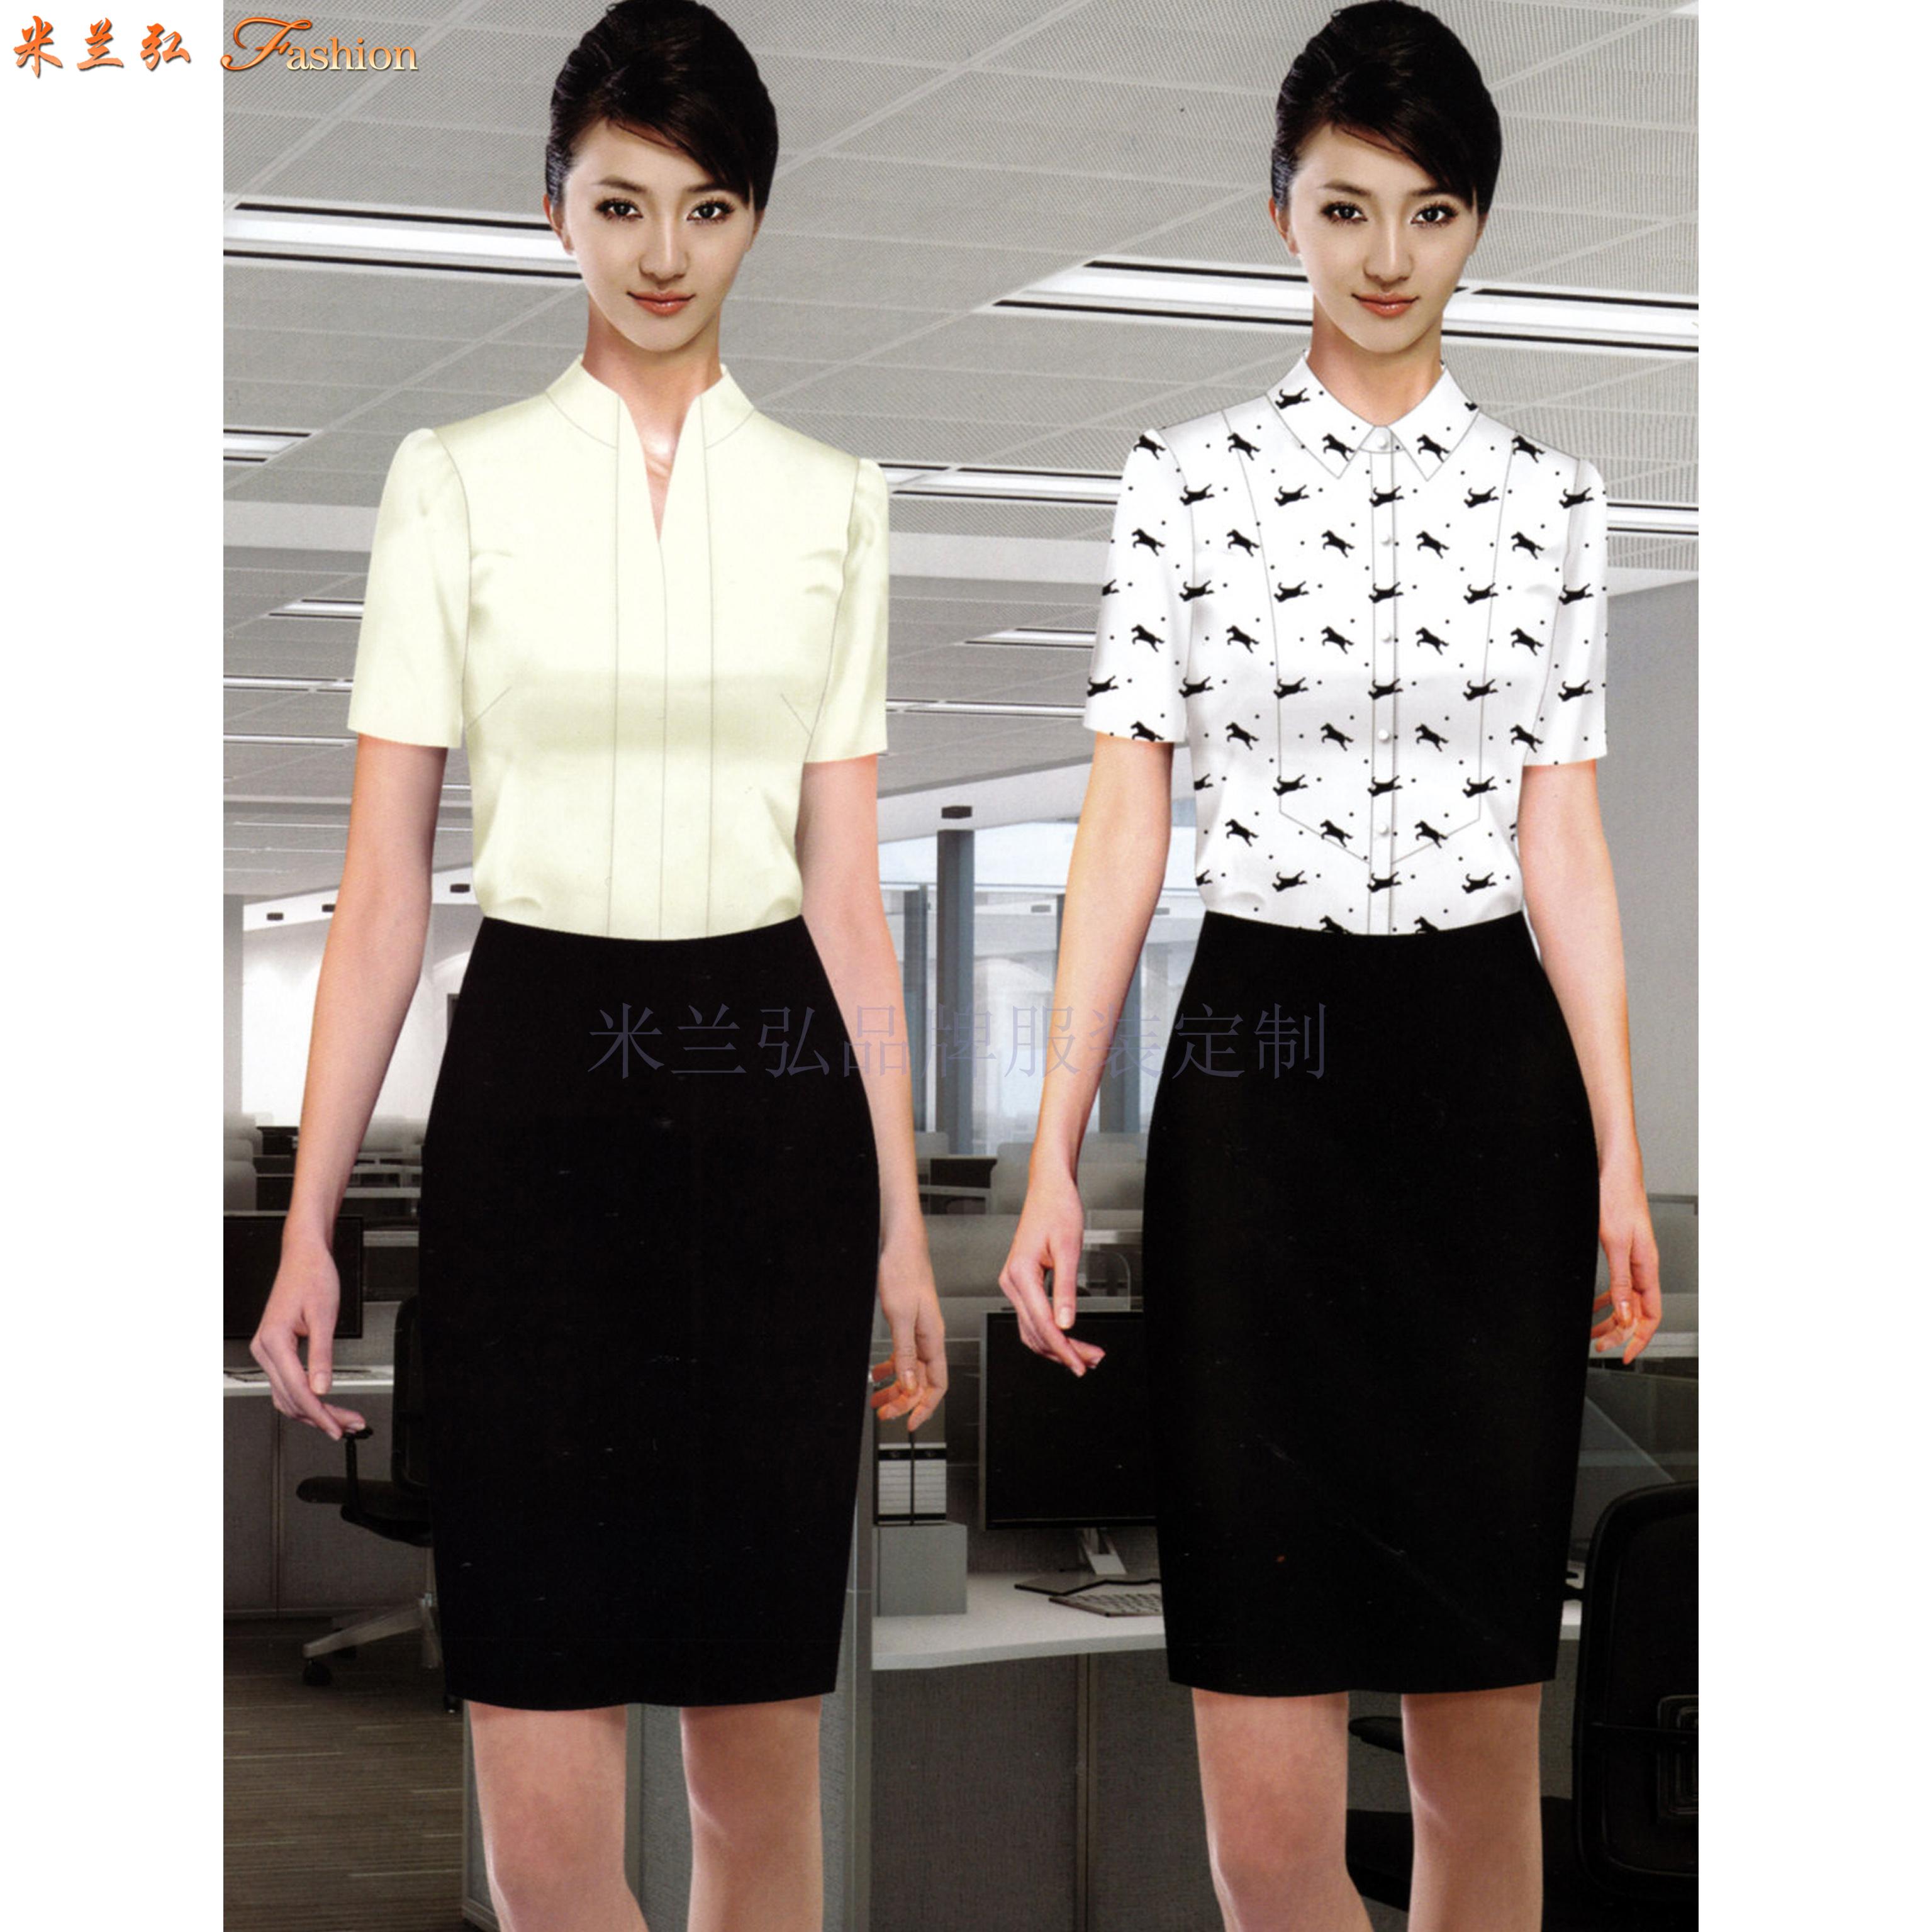 「襯衫」北京量體定制訂做免熨商務襯衫的專業廠家-米蘭弘服裝-5